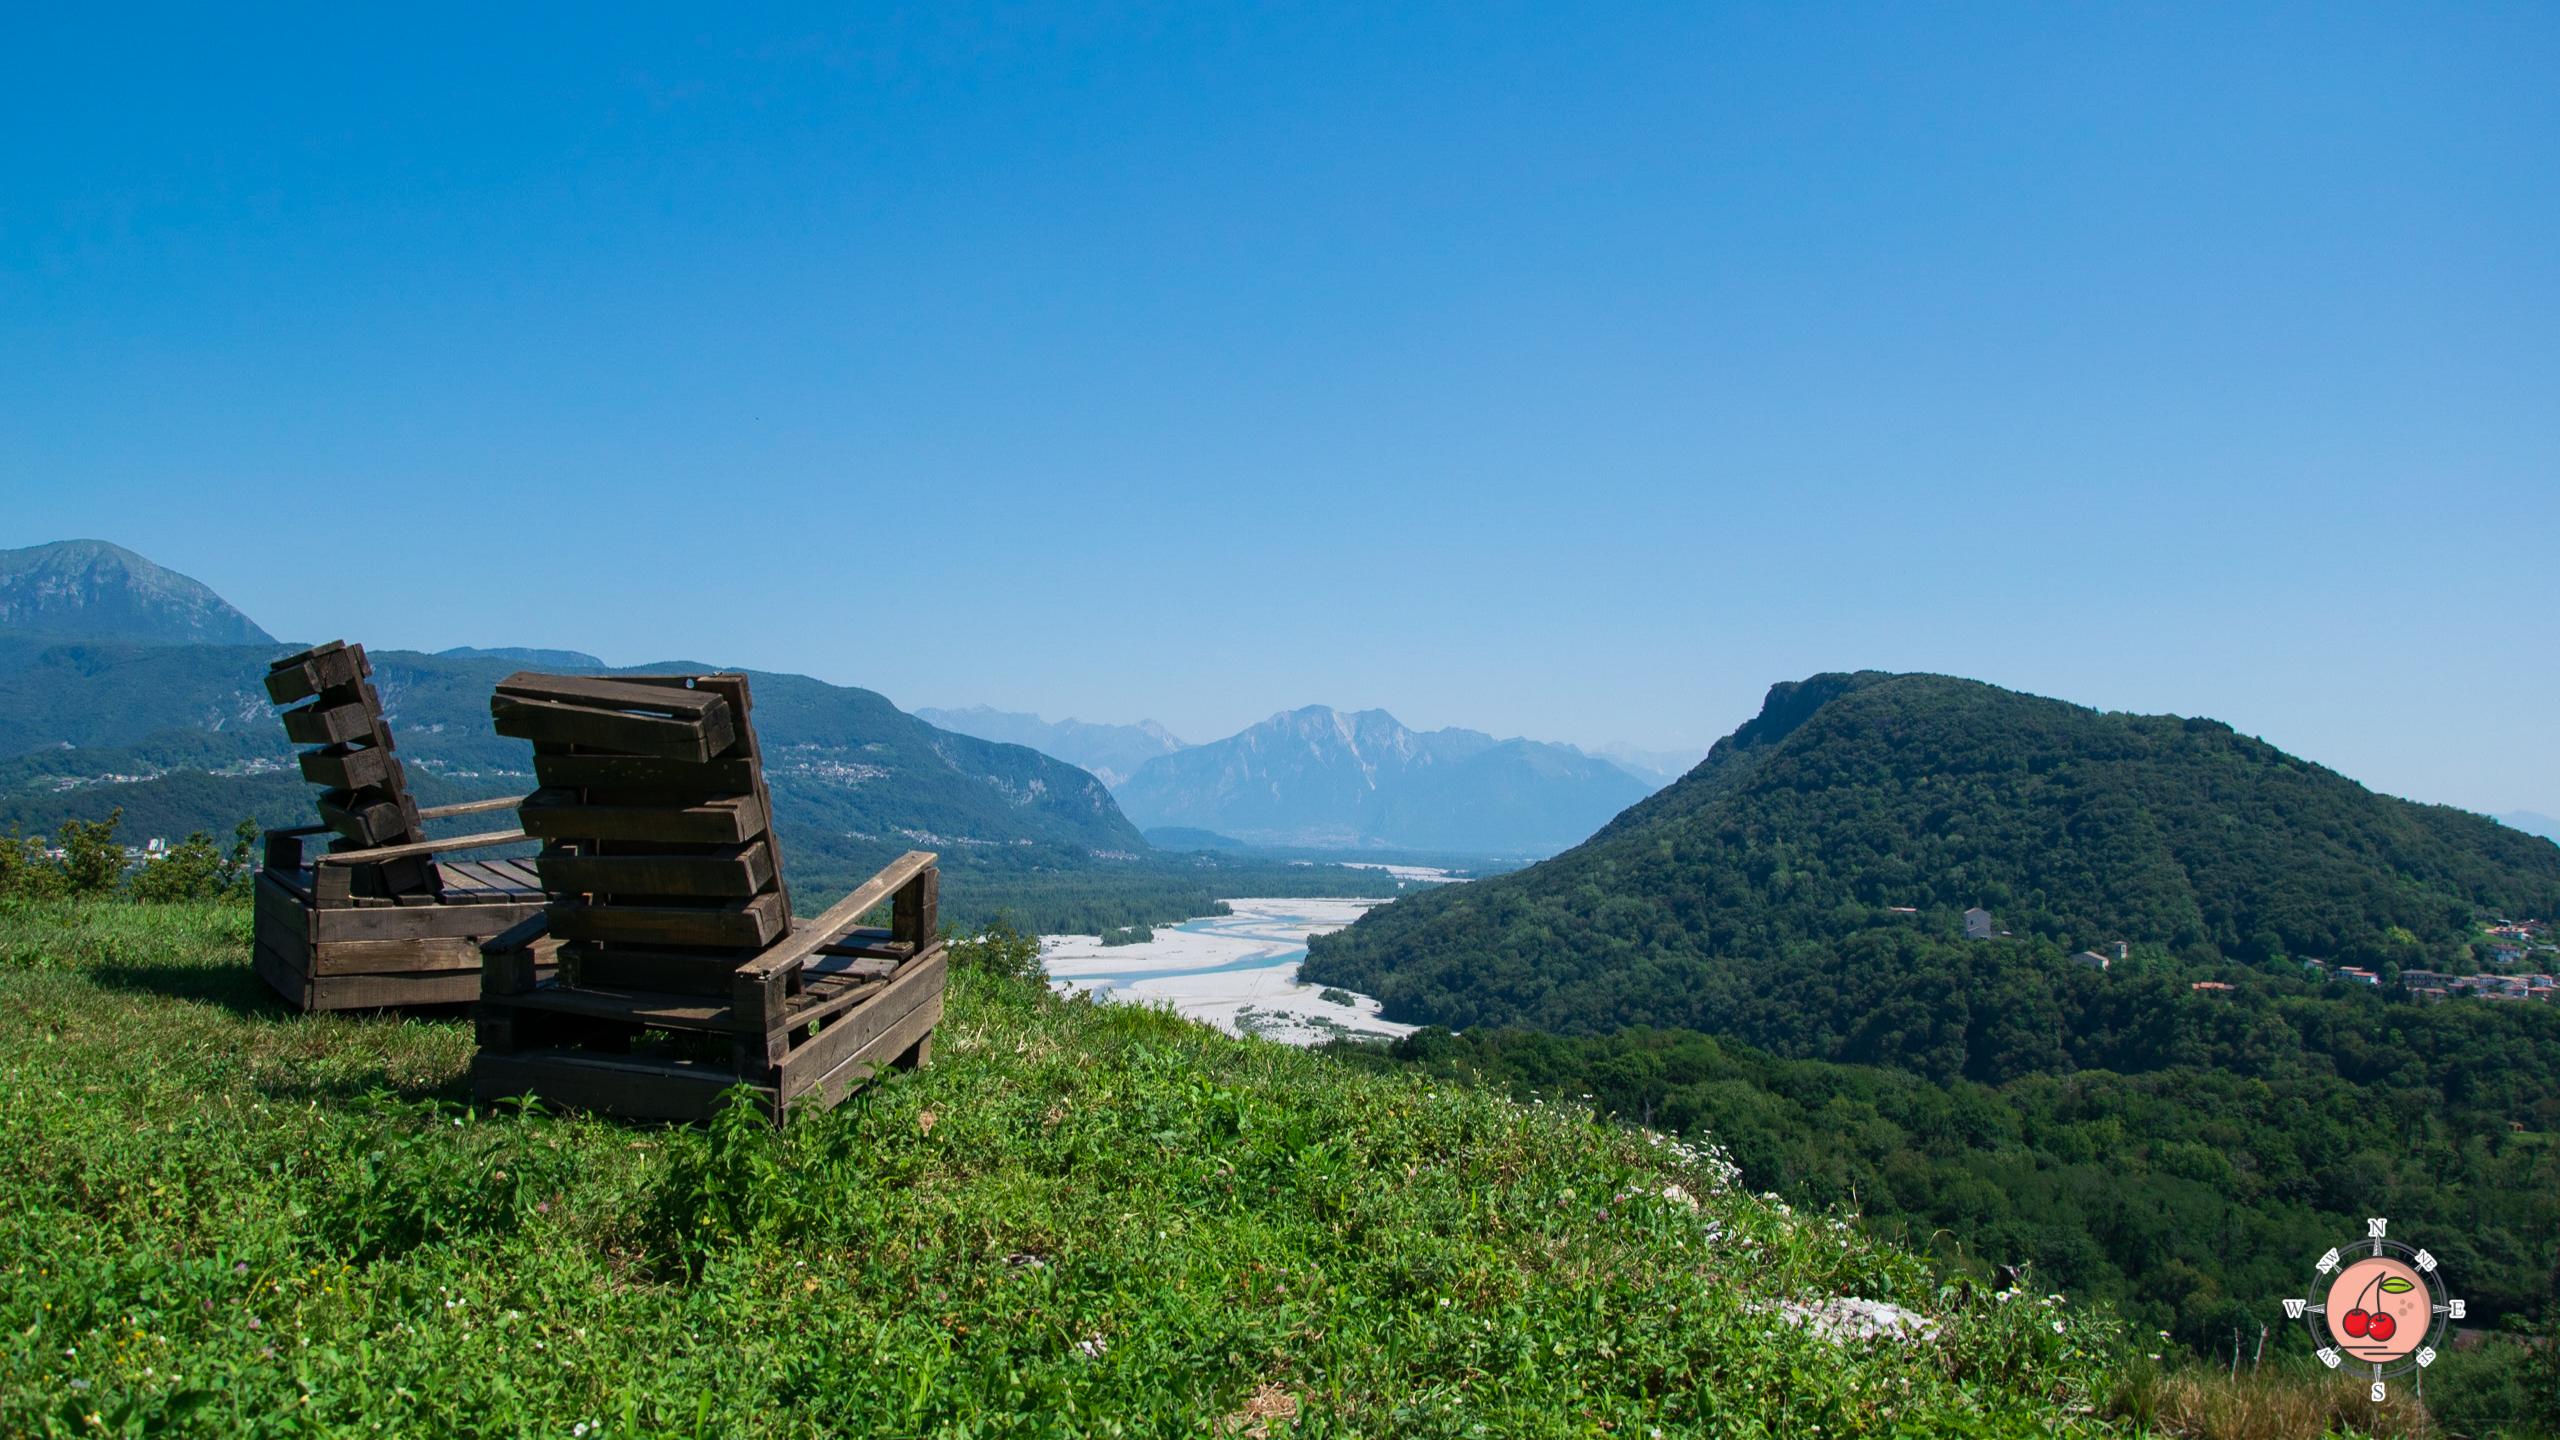 Terrazza panoramica - Pinzano al Tagliamento